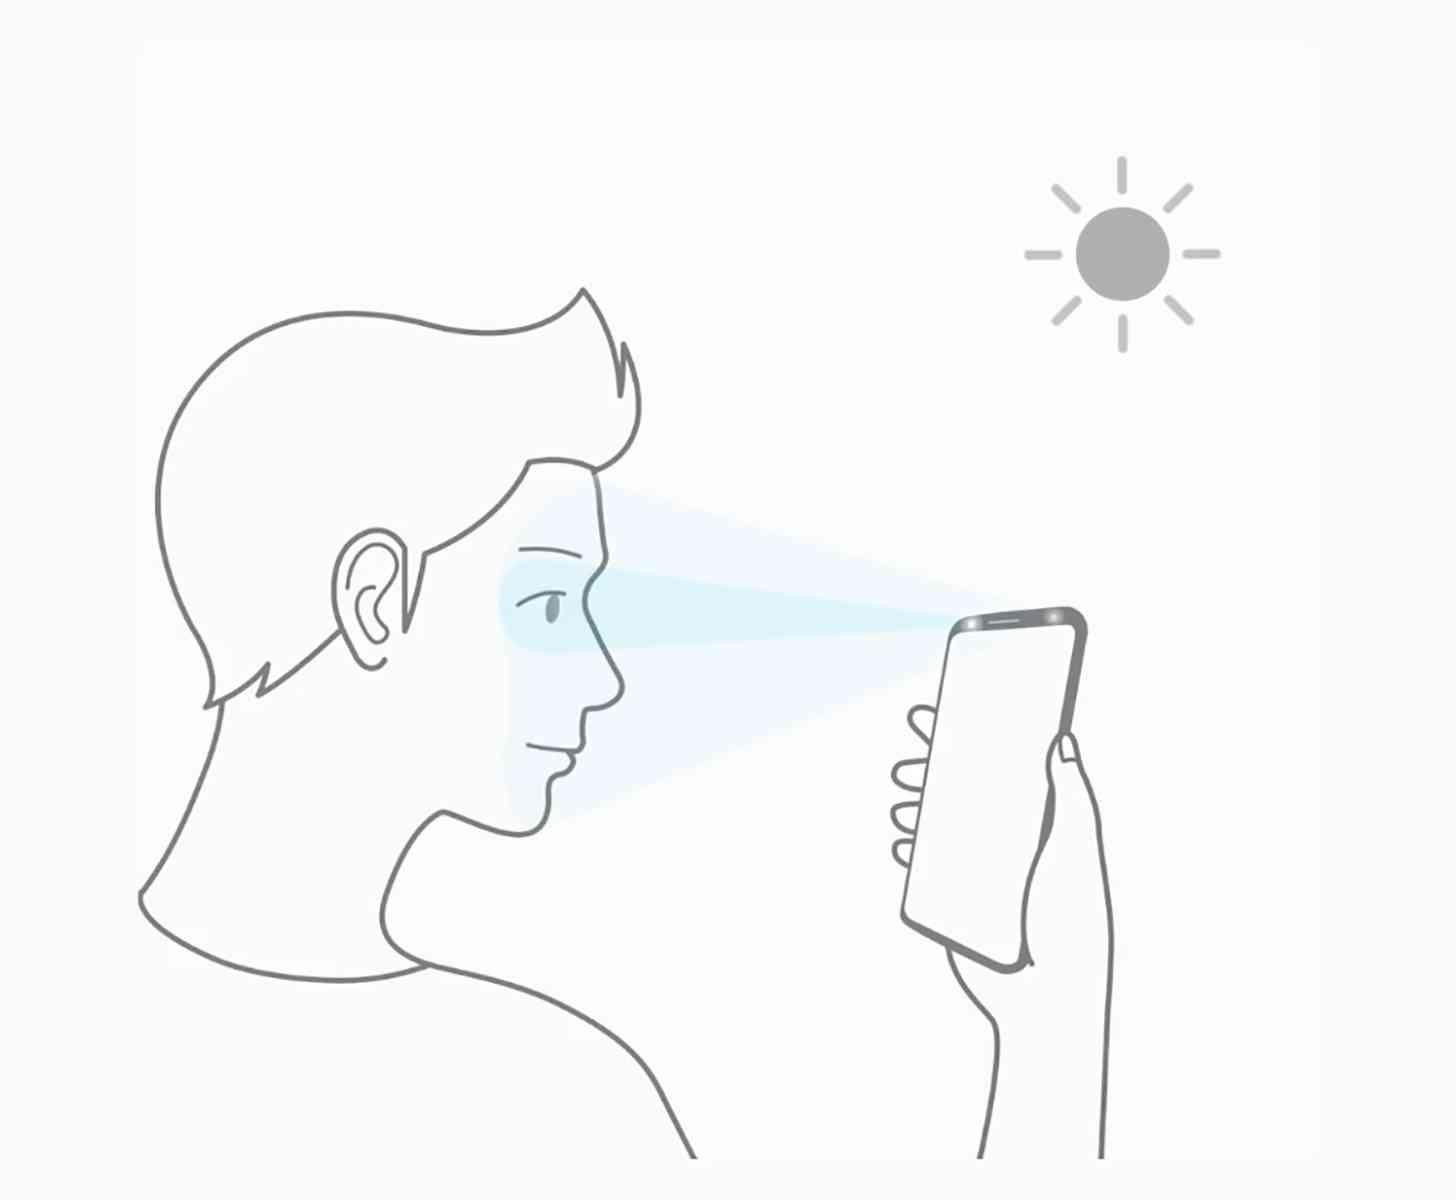 Samsung Galaxy S9 Intelligent Scan feature leak